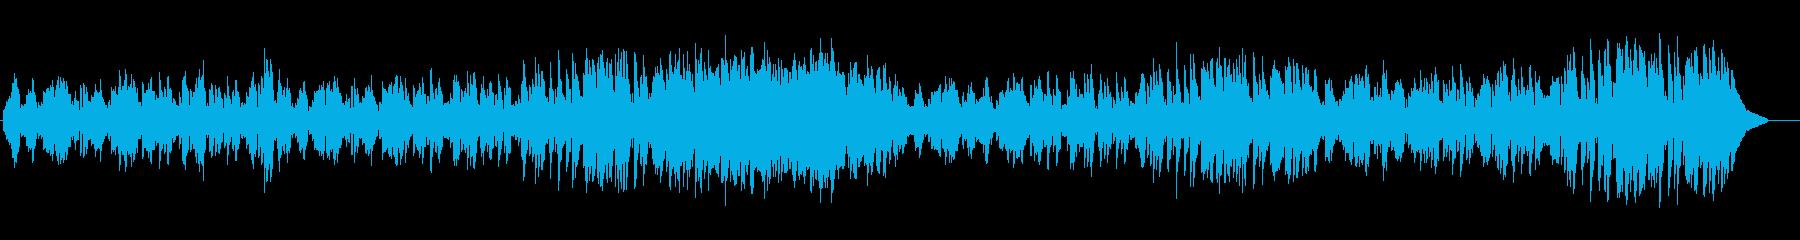 牧歌的なワルツの再生済みの波形